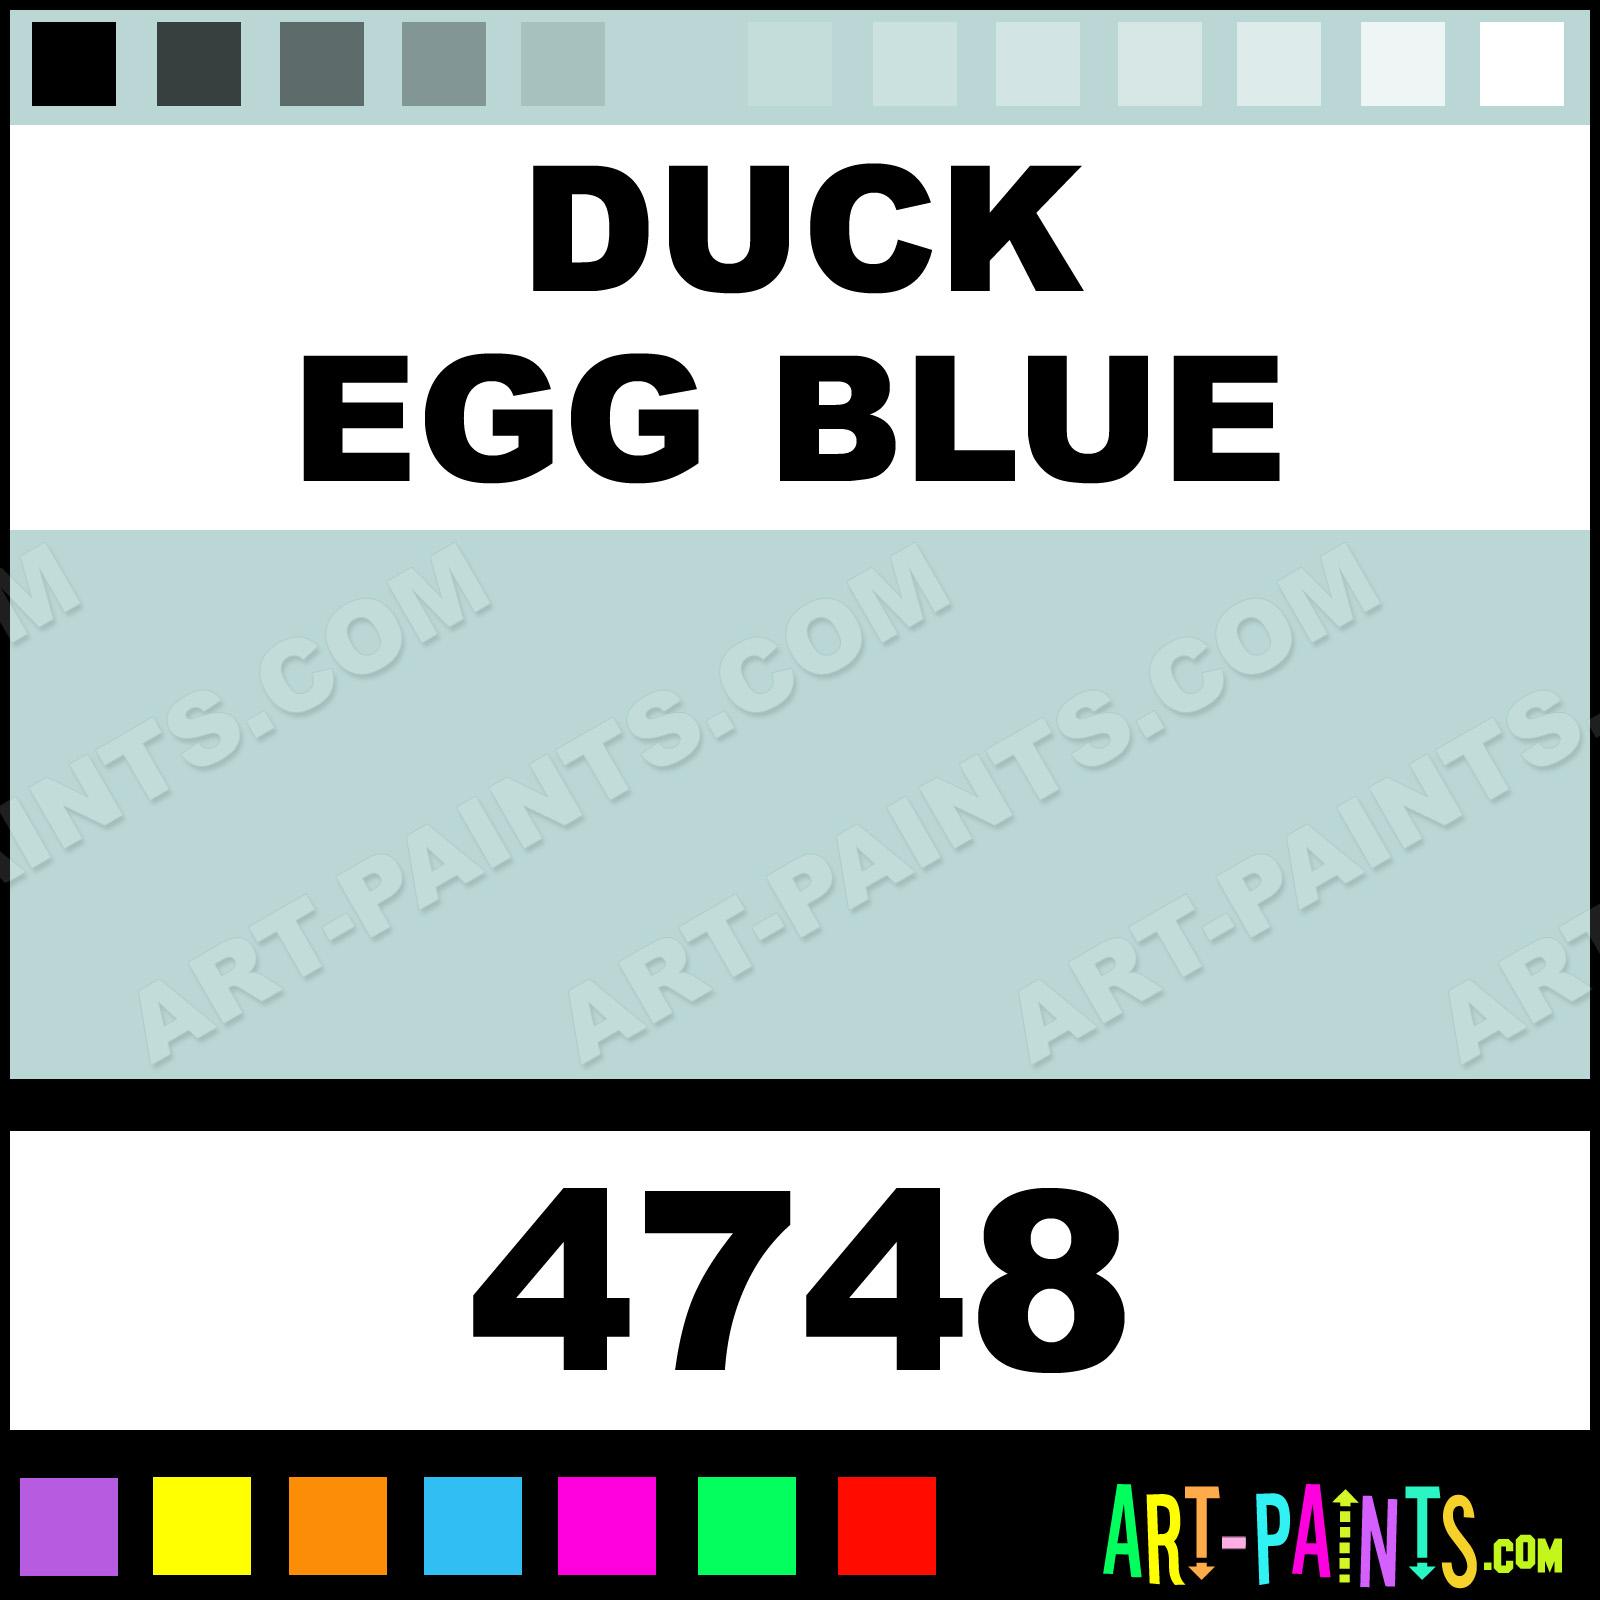 Duck Egg Blue Artist Acrylic Paints - 4748 - Duck Egg Blue Paint, Duck Egg  Blue Color, Model Master Artist Paint, BAD7D5 - Art-Paints.com